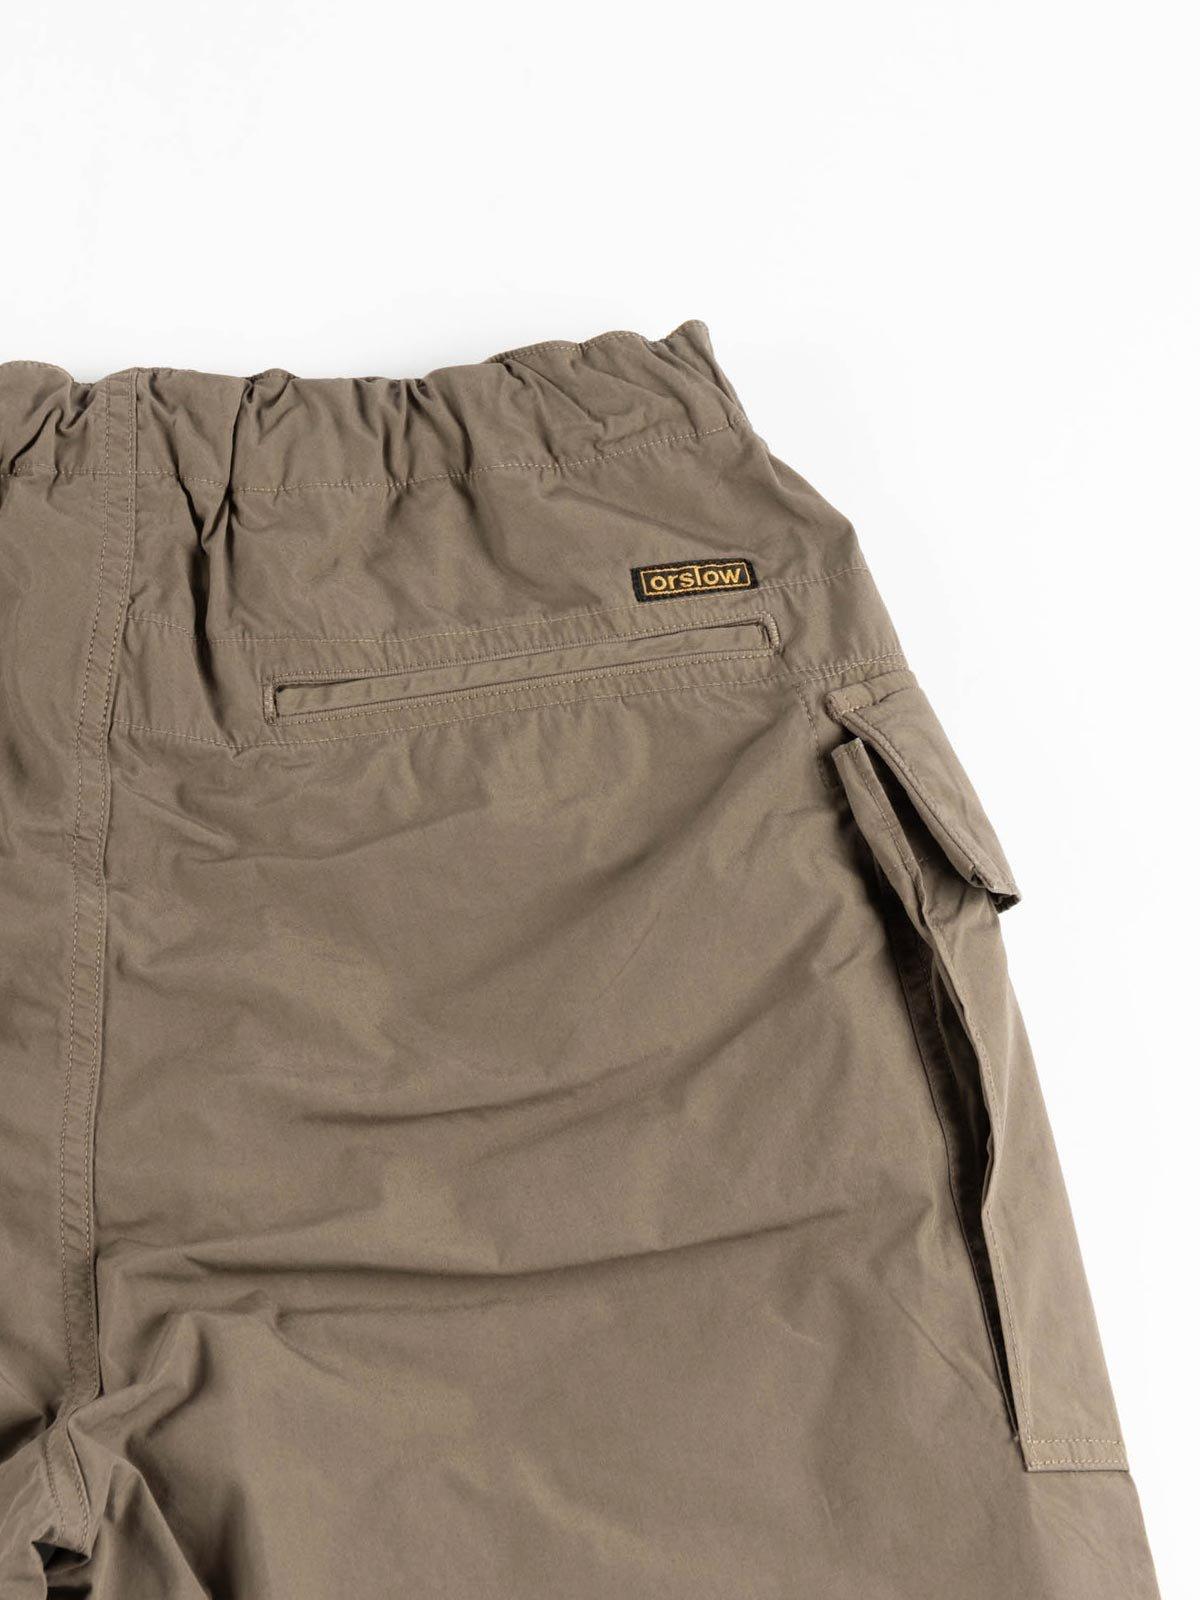 EASY CARGO SHORTS GREIGE TYPEWRITER CLOTH - Image 4